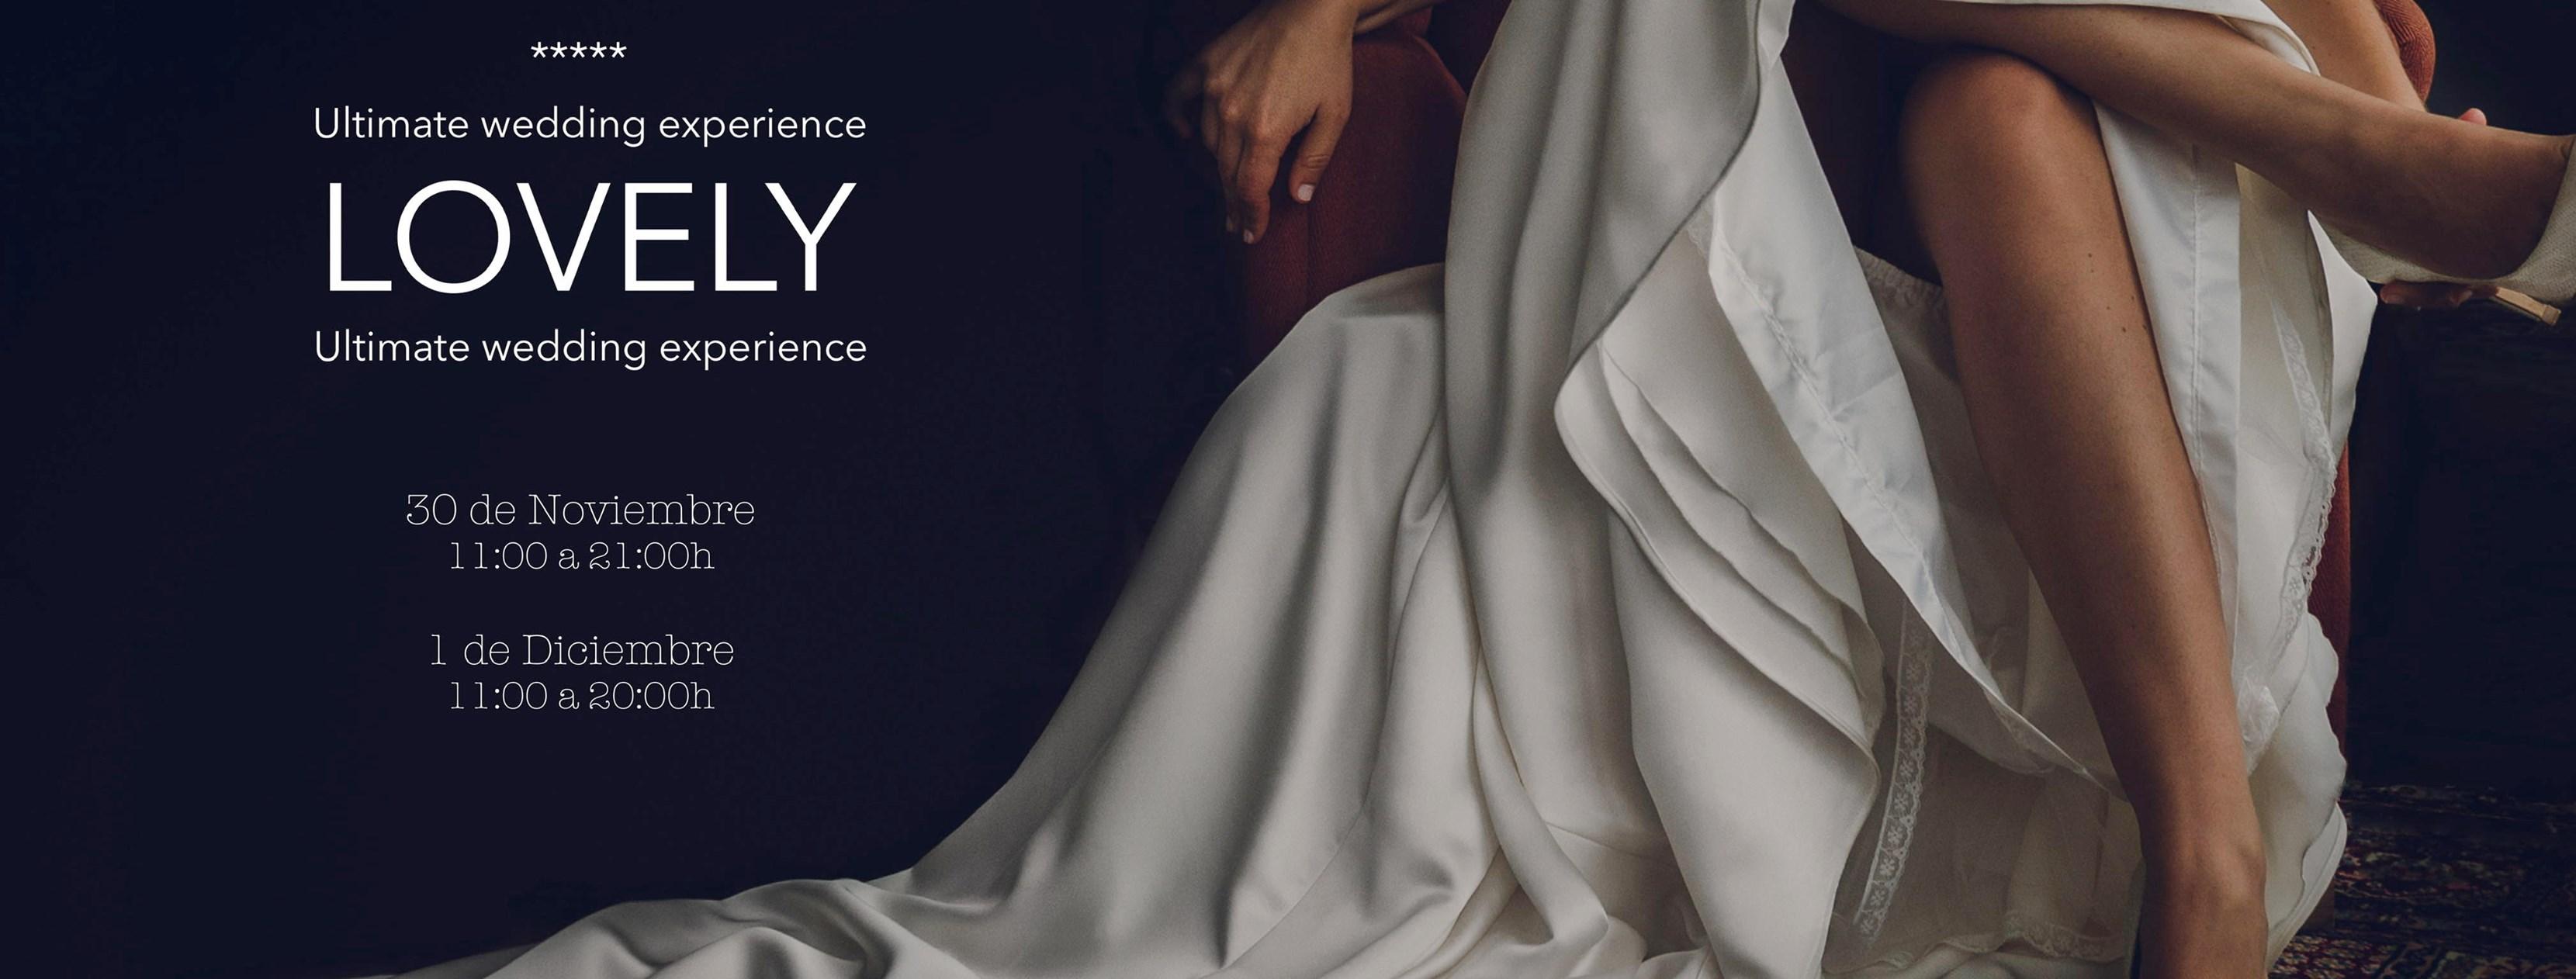 bodas lovely 2019